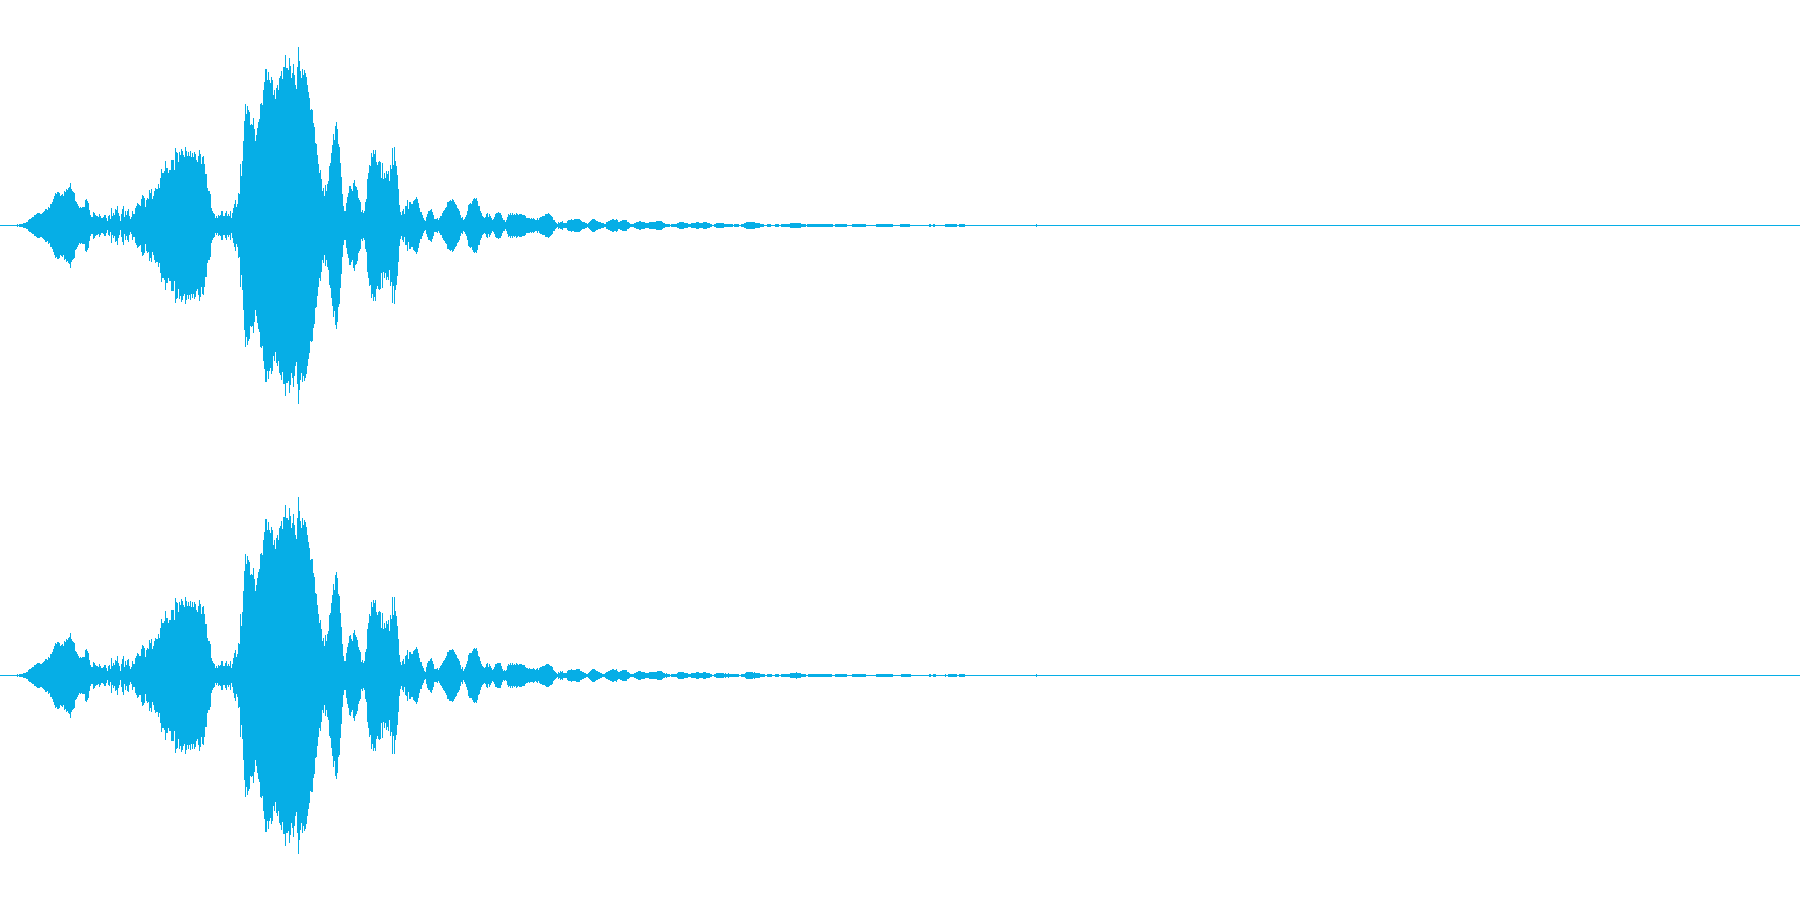 ホイッスルの音_04(ピッ)の再生済みの波形